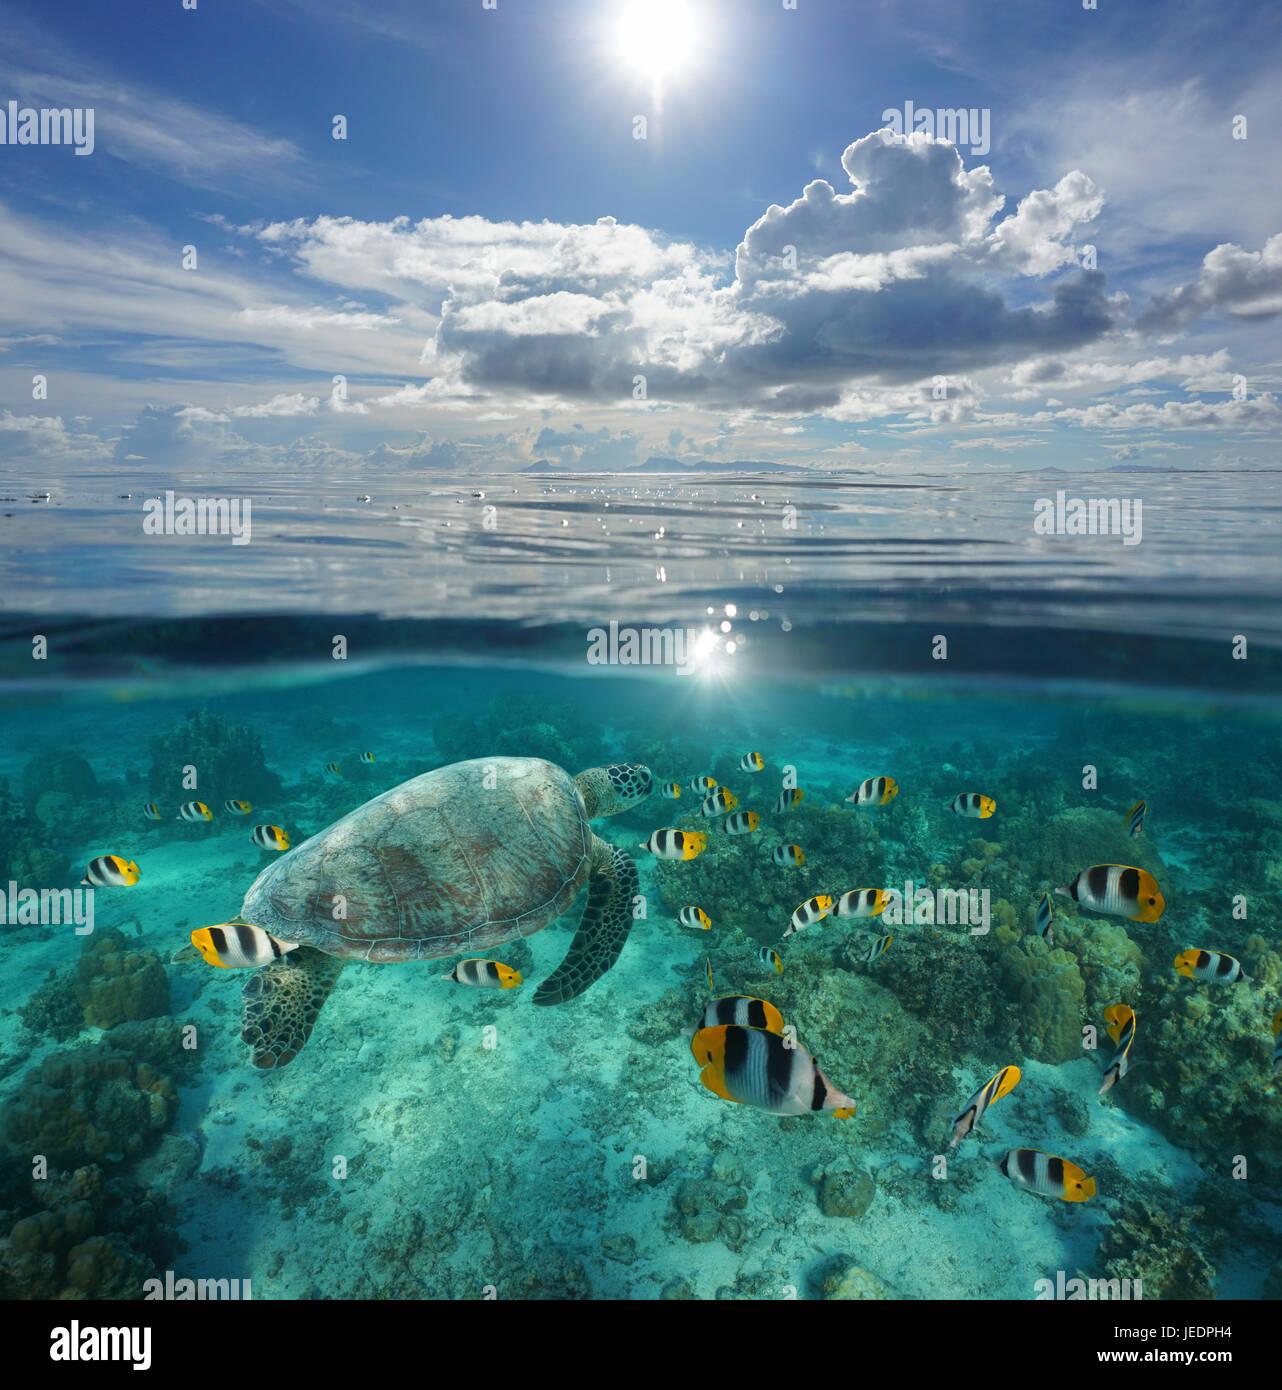 Sur et sous la surface de la mer, poissons tropicaux avec une tortue sous l'eau et une île à l'horizon Photo Stock